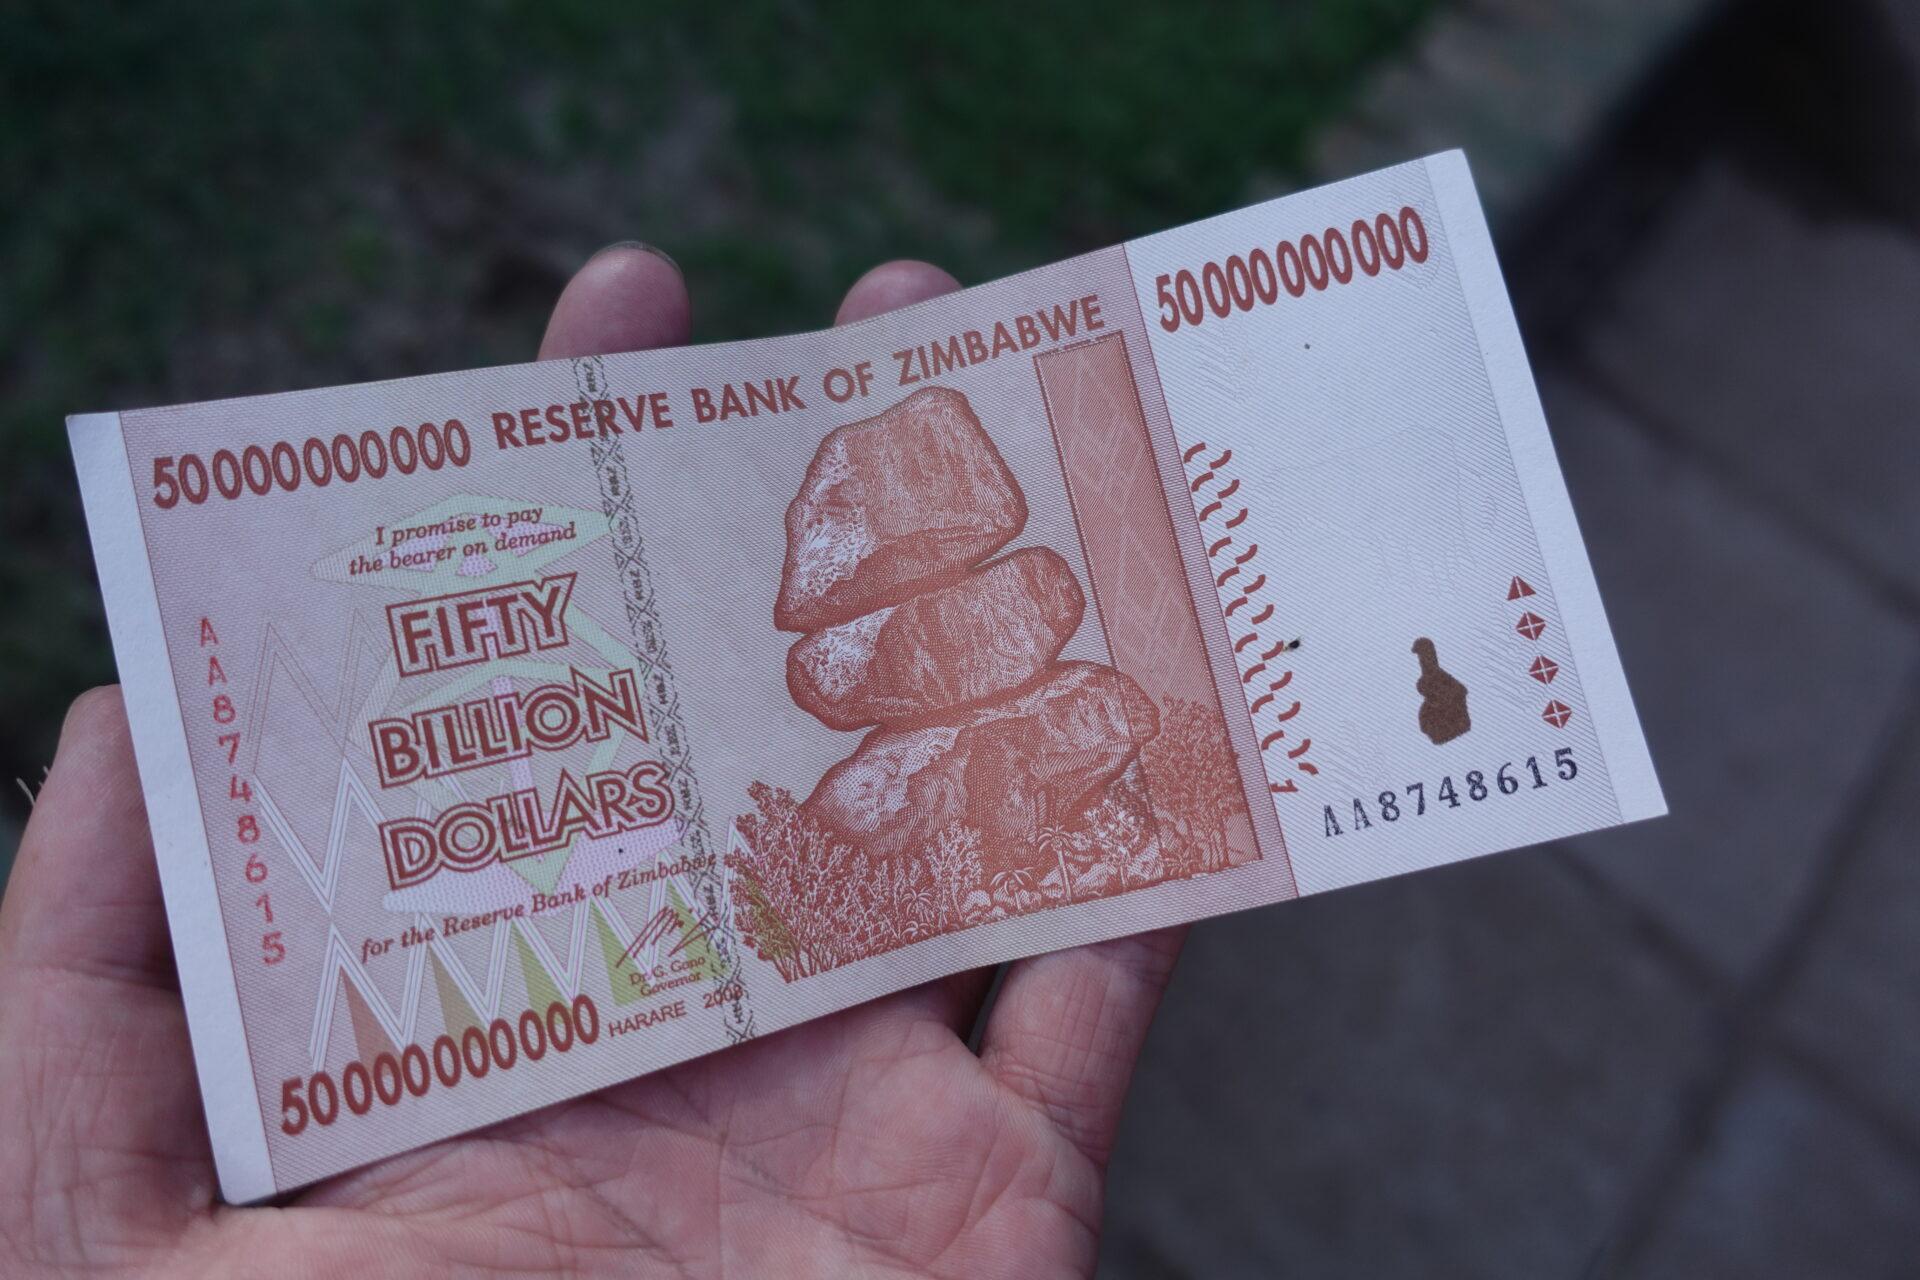 500億ジンバブエドル